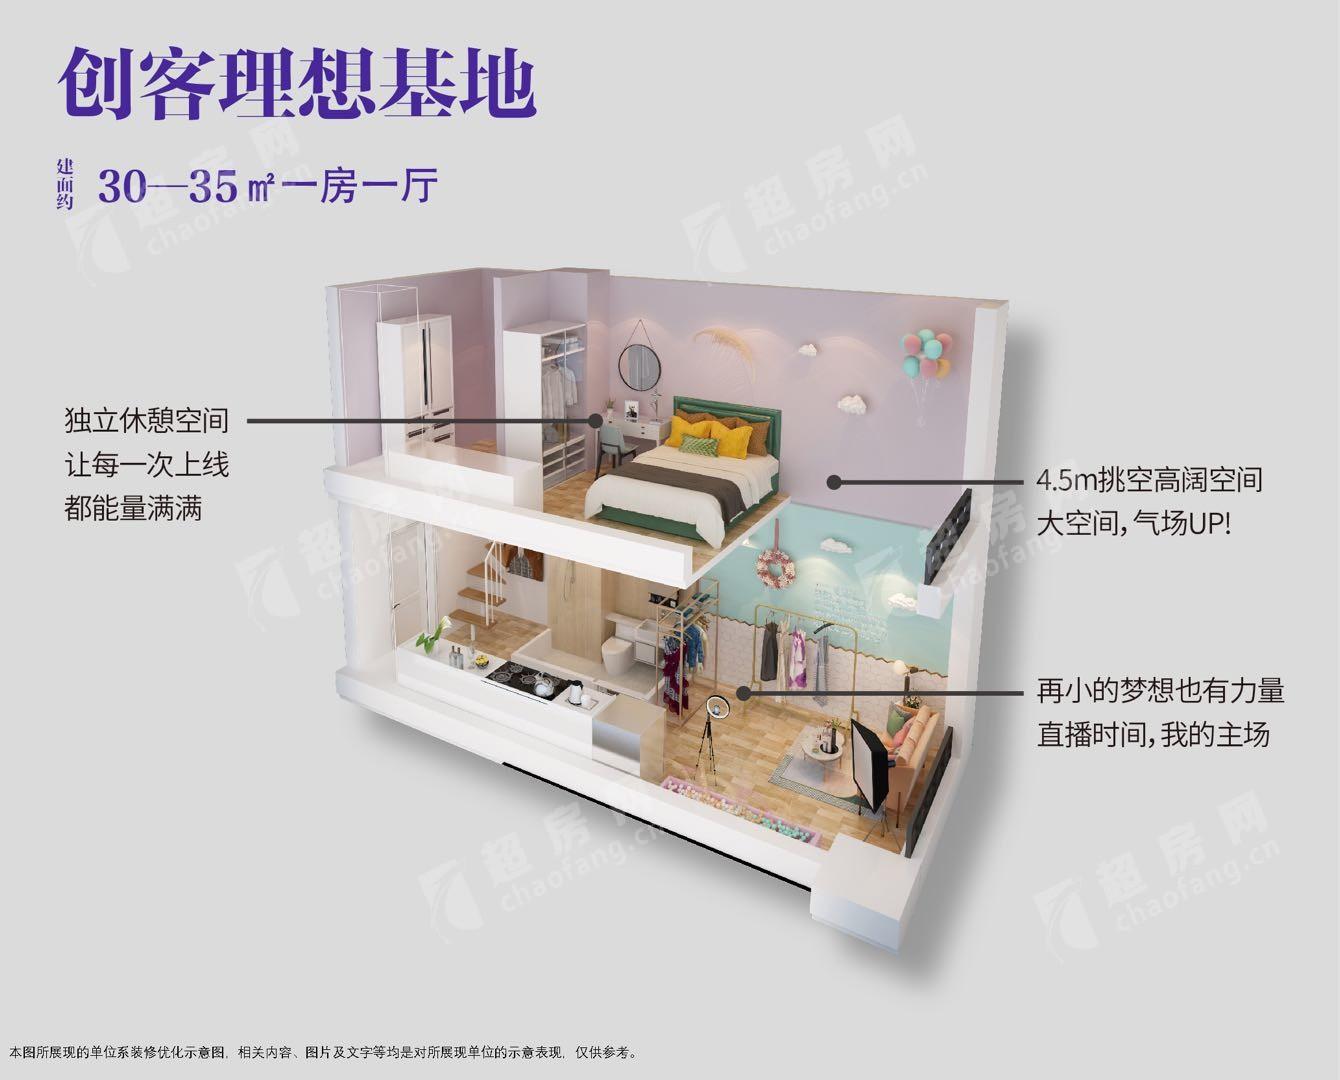 里城晴樾中心(新房)新房01 1室1廳1衛戶型圖